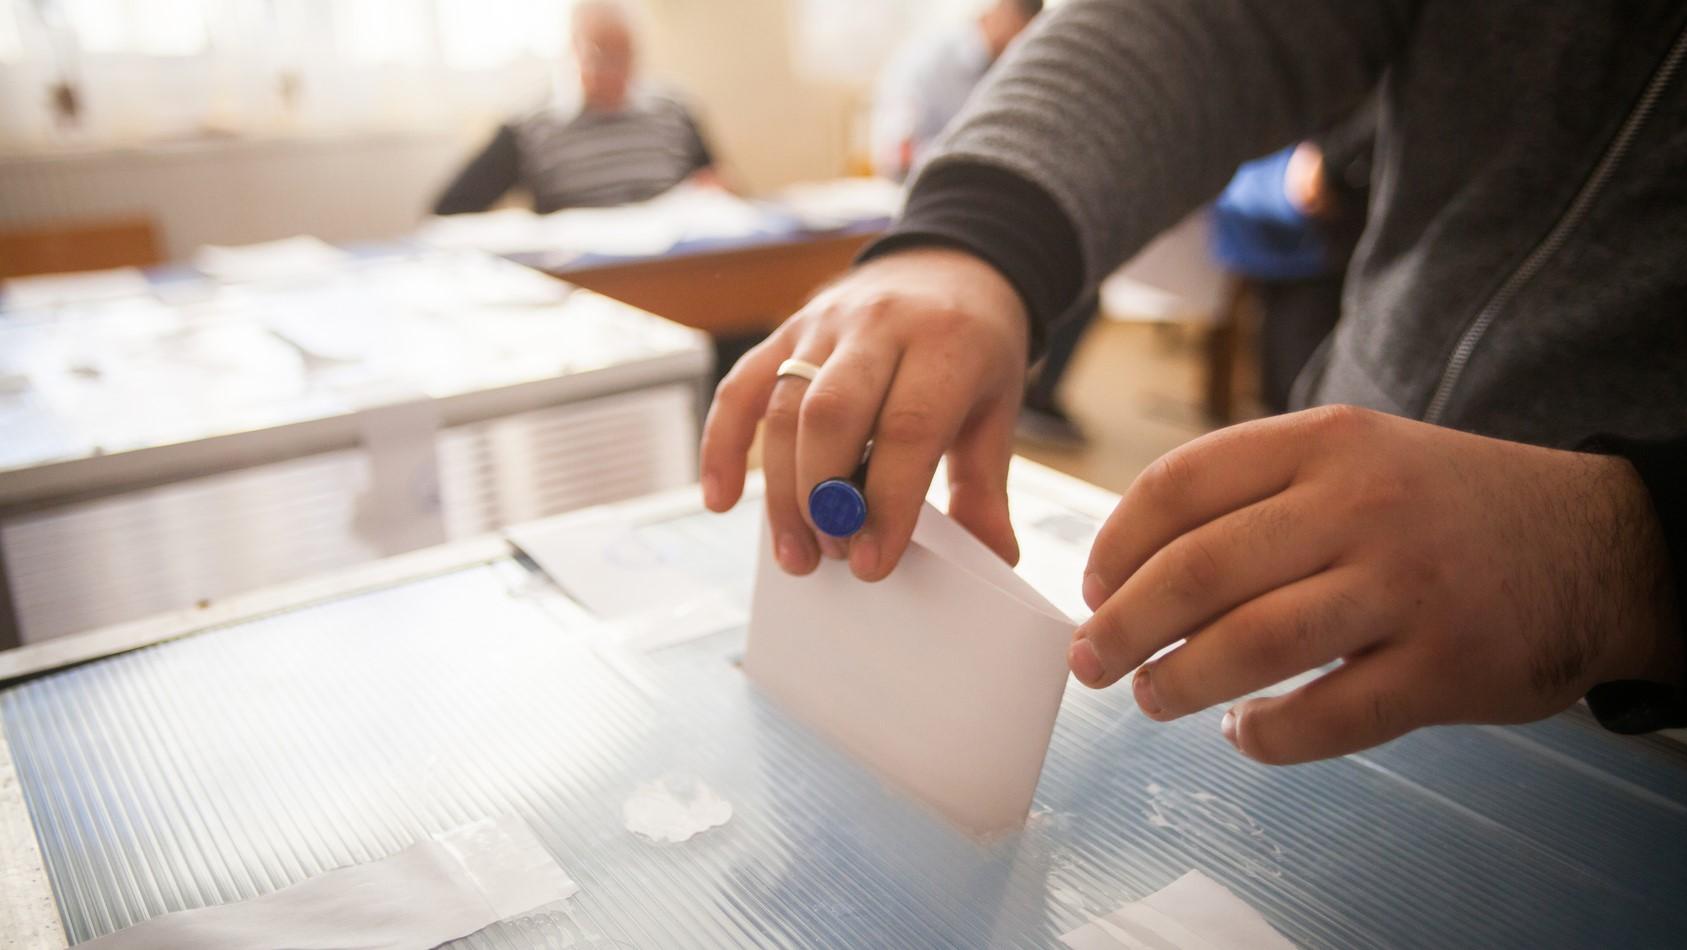 wybory urna głosowanie liczenie głosów - fotolia